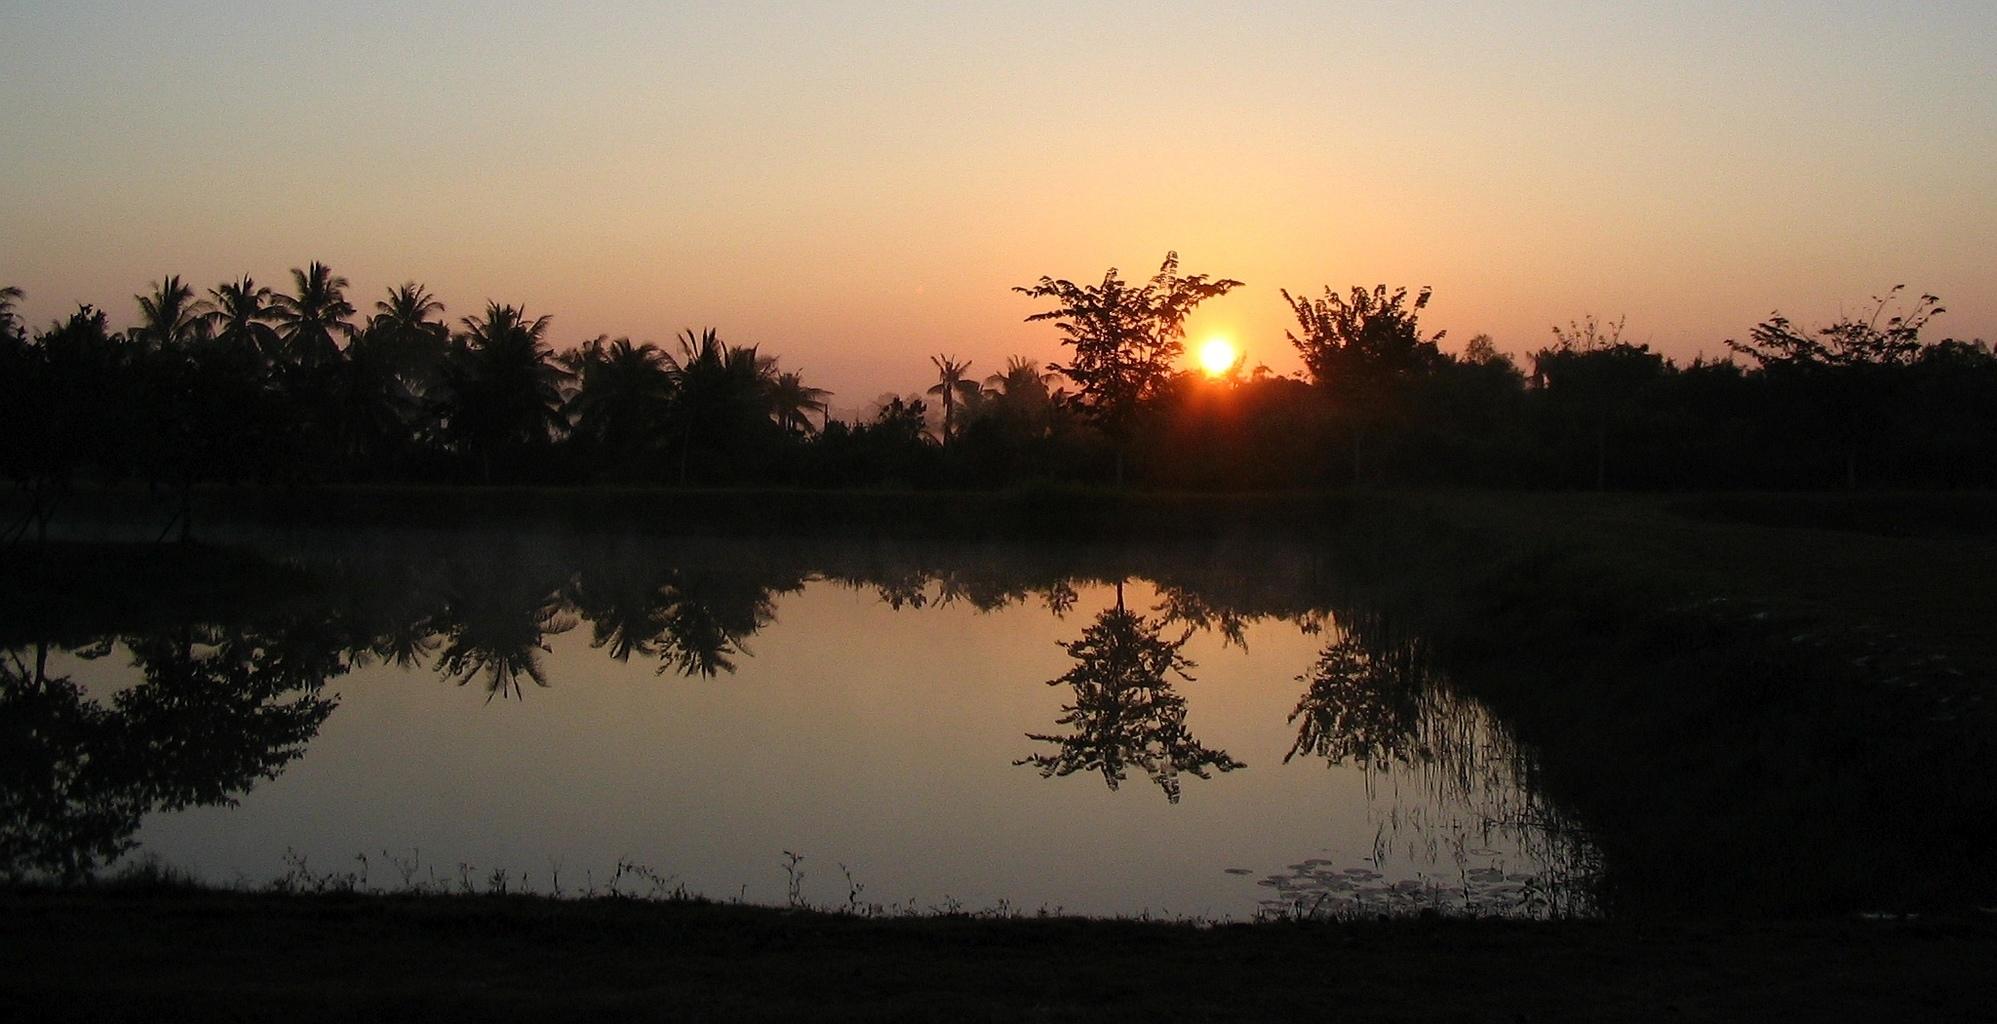 Pohled z meditační haly na výhod slunce - Wat Suan Mokkh - Thajsko